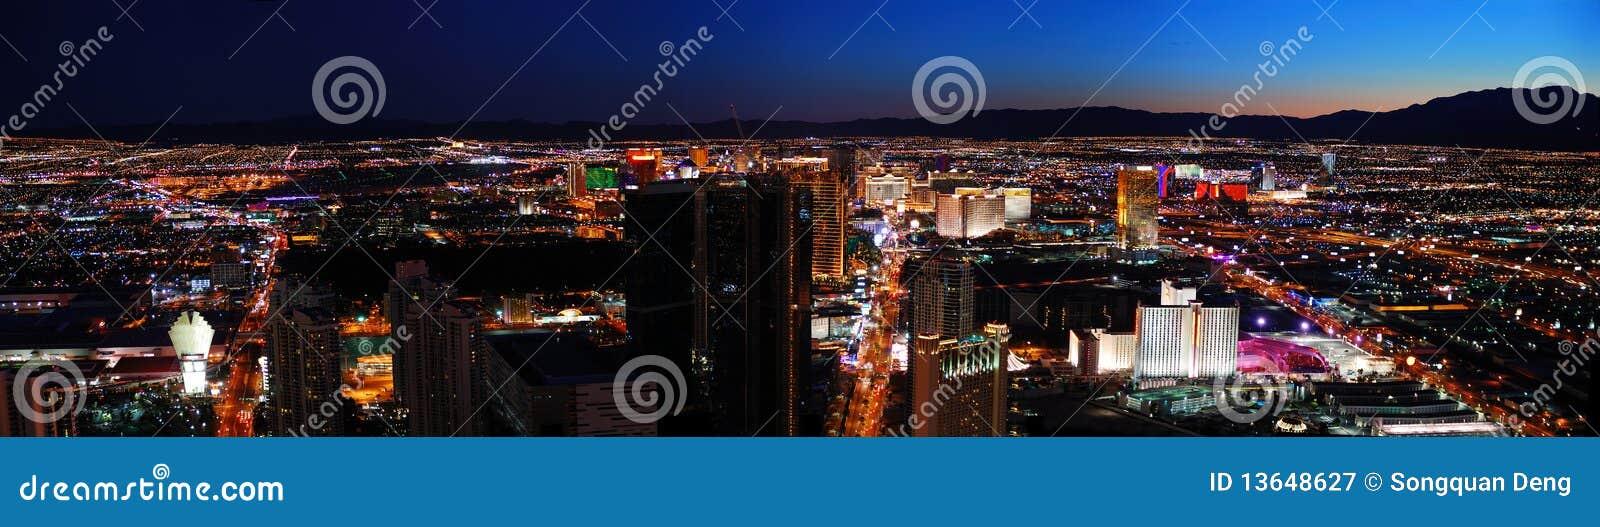 Panorama del horizonte de la ciudad de Las Vegas